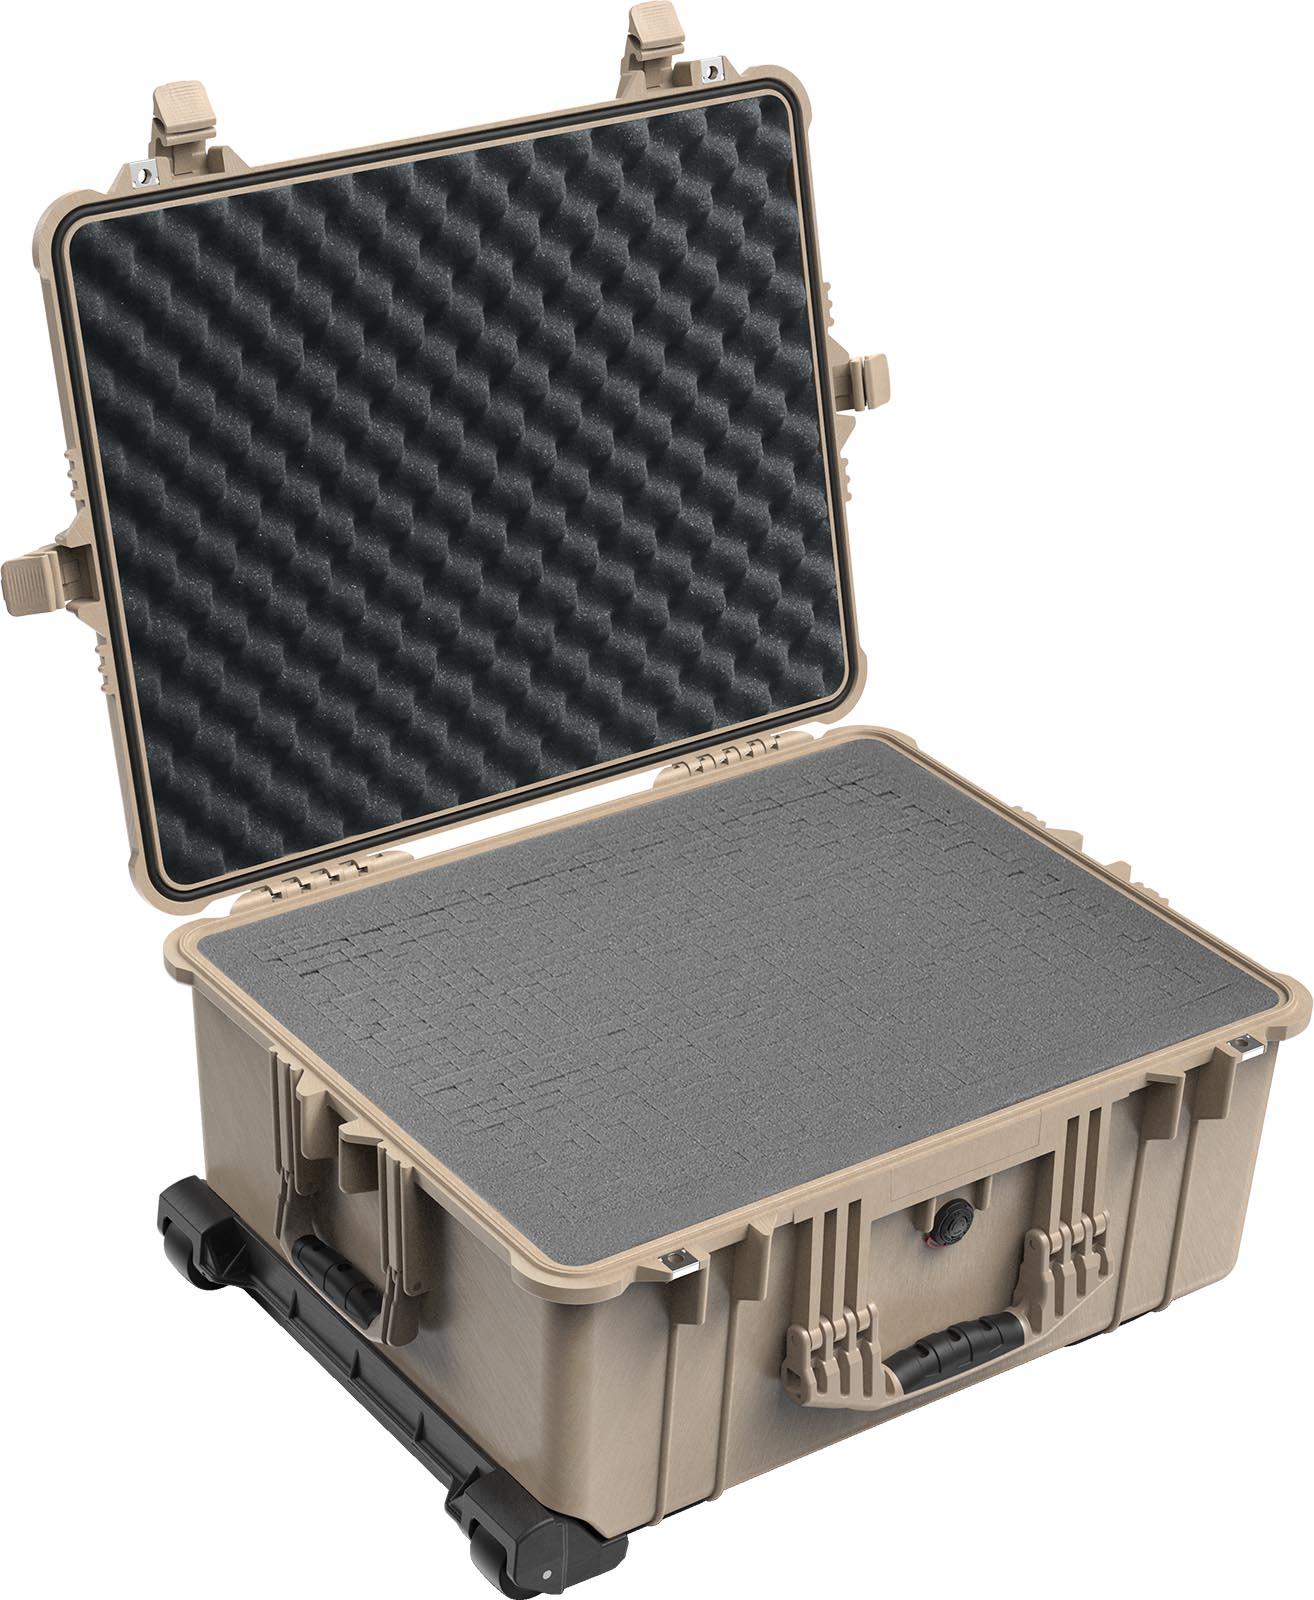 pelican 1620 rolling foam luggage case